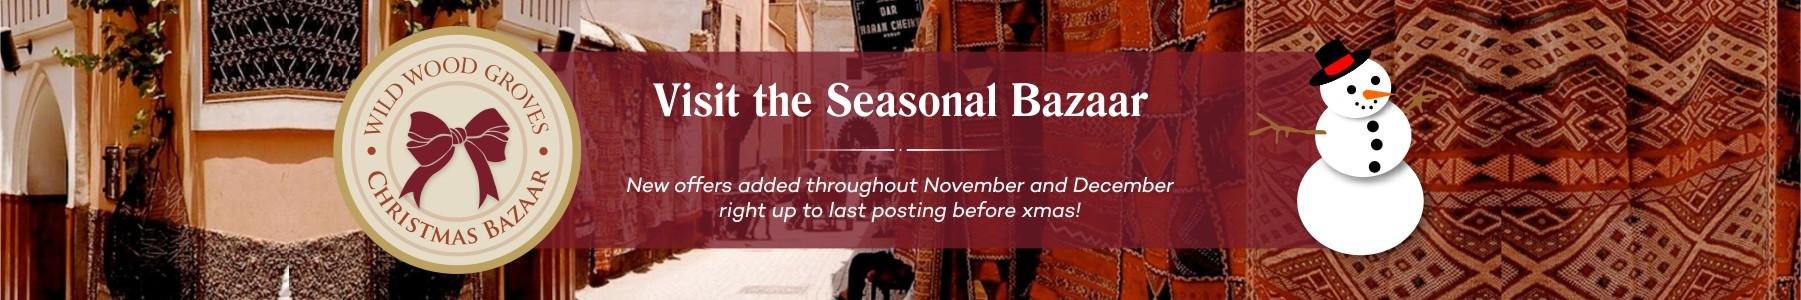 Christmas_bazaar_banner_17